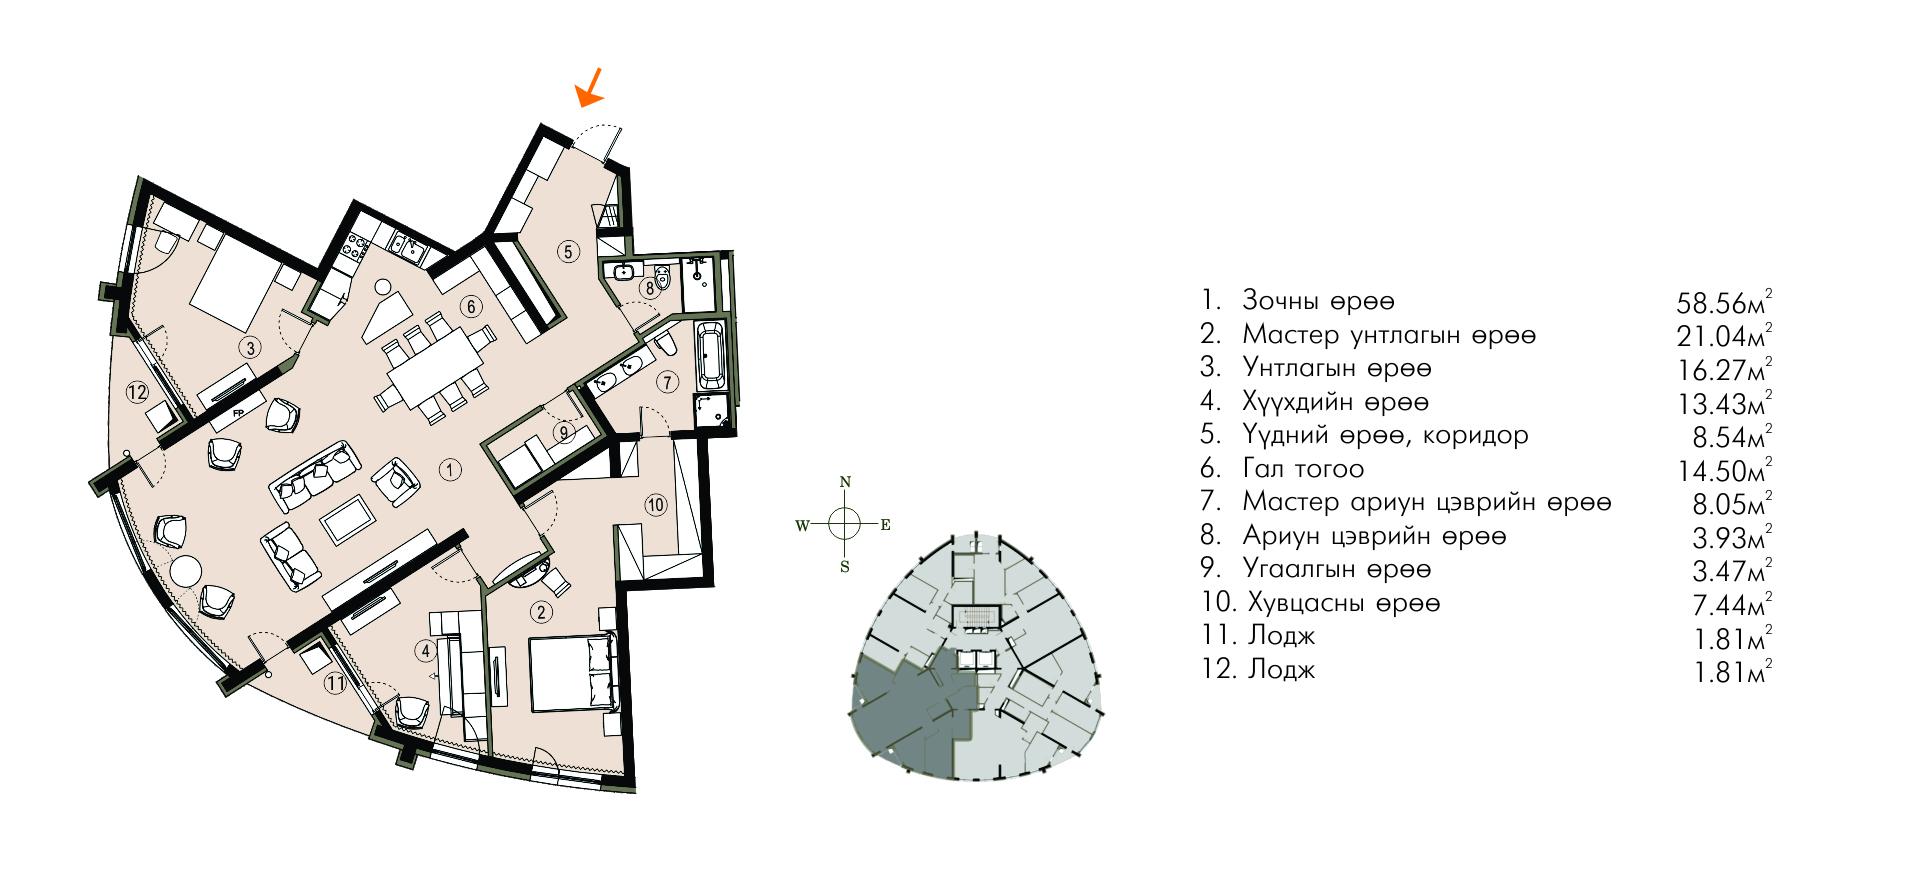 Ривер Гарден хотхон нэгдсэн төлөвлөлт ногоон байгууламж 166М2